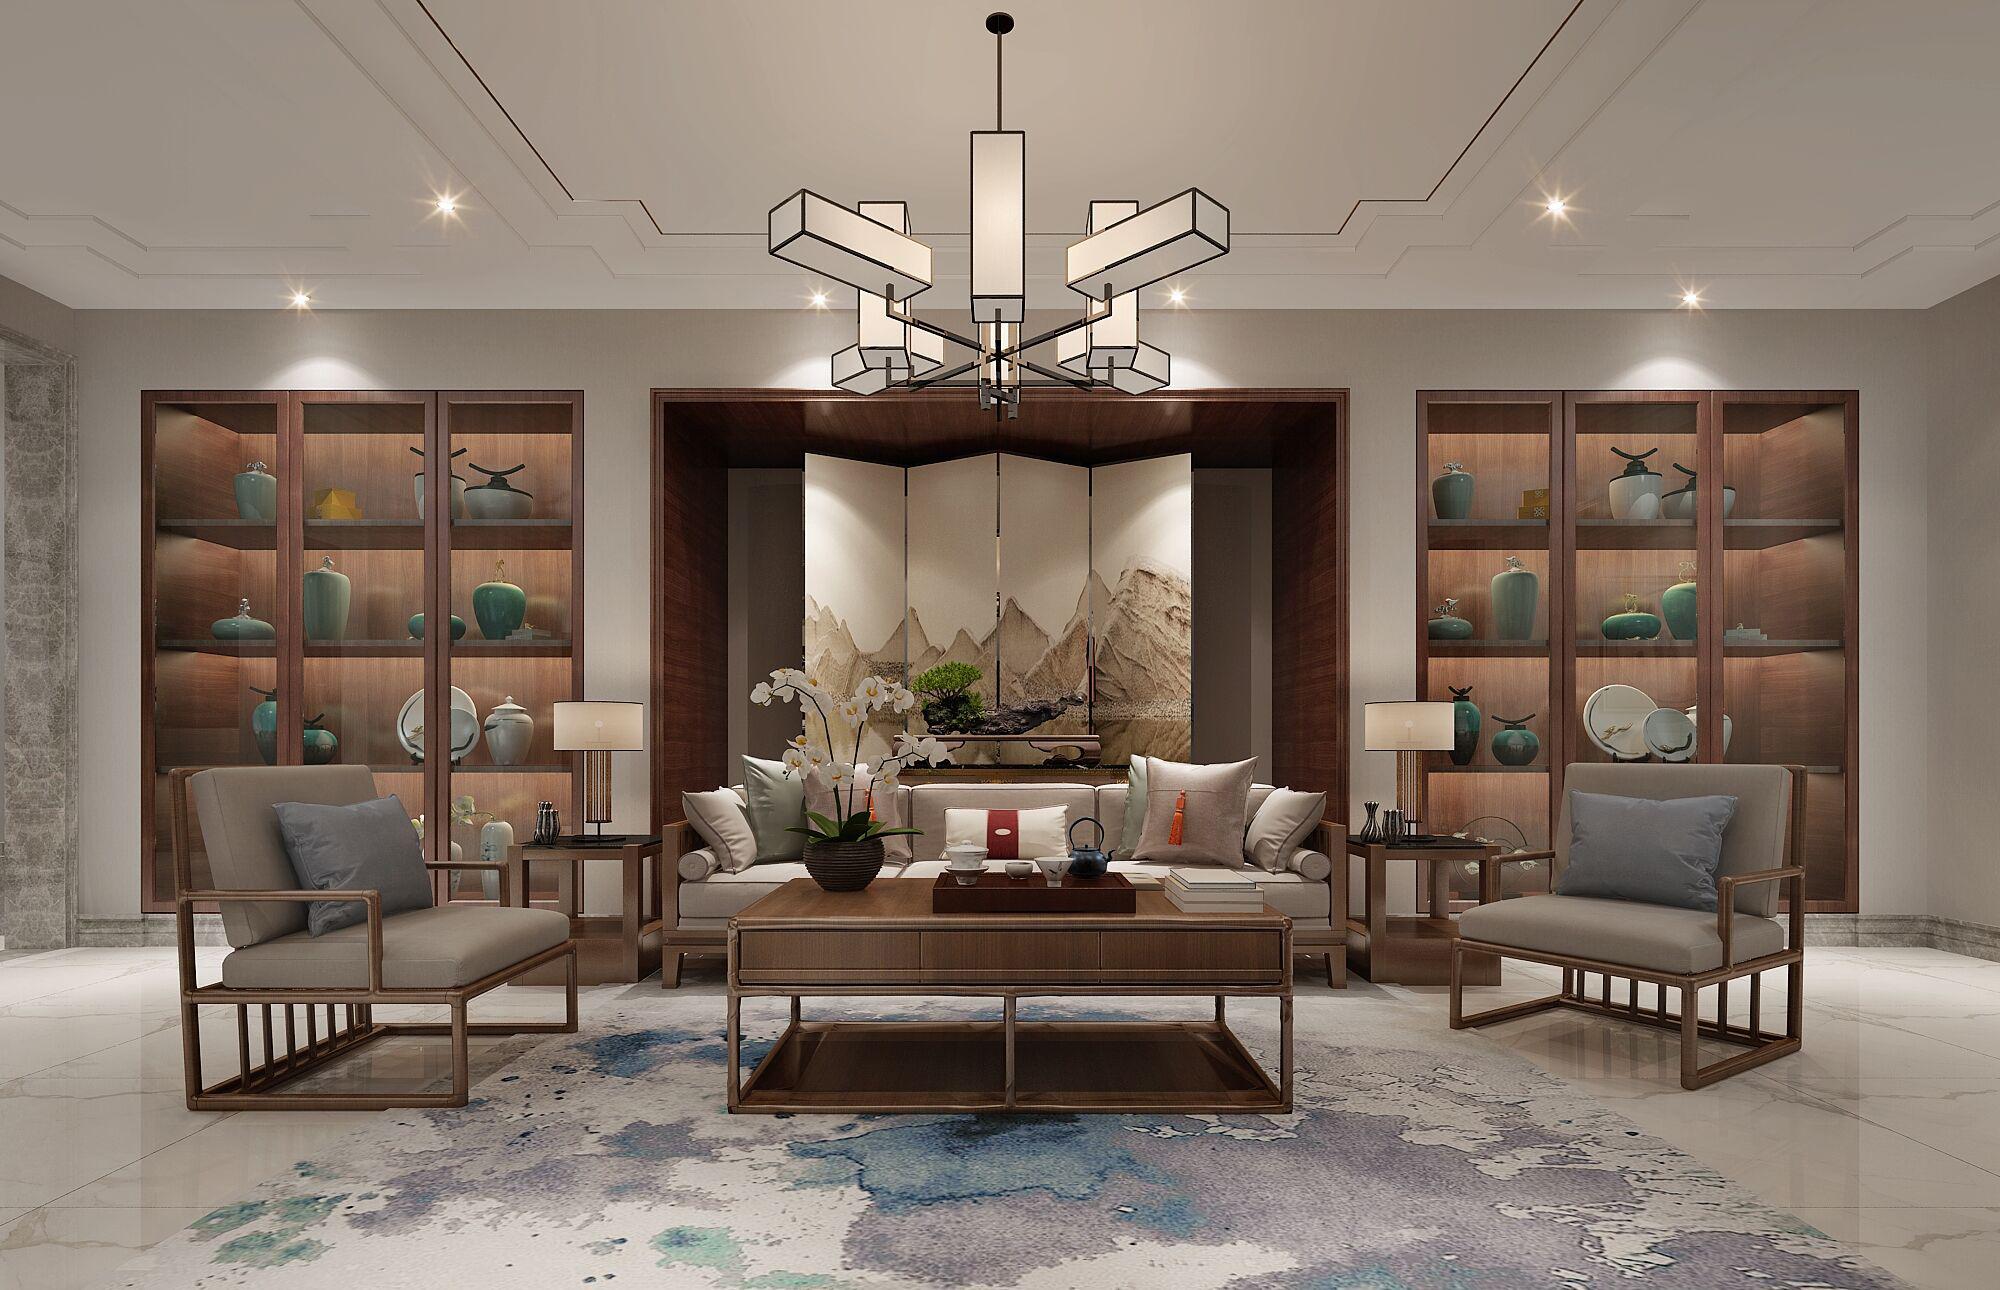 别墅 设计 装修 案例 新中式风格 会客室图片来自无锡别墅设计s在吉宝澜岸名邸新中式案例的分享